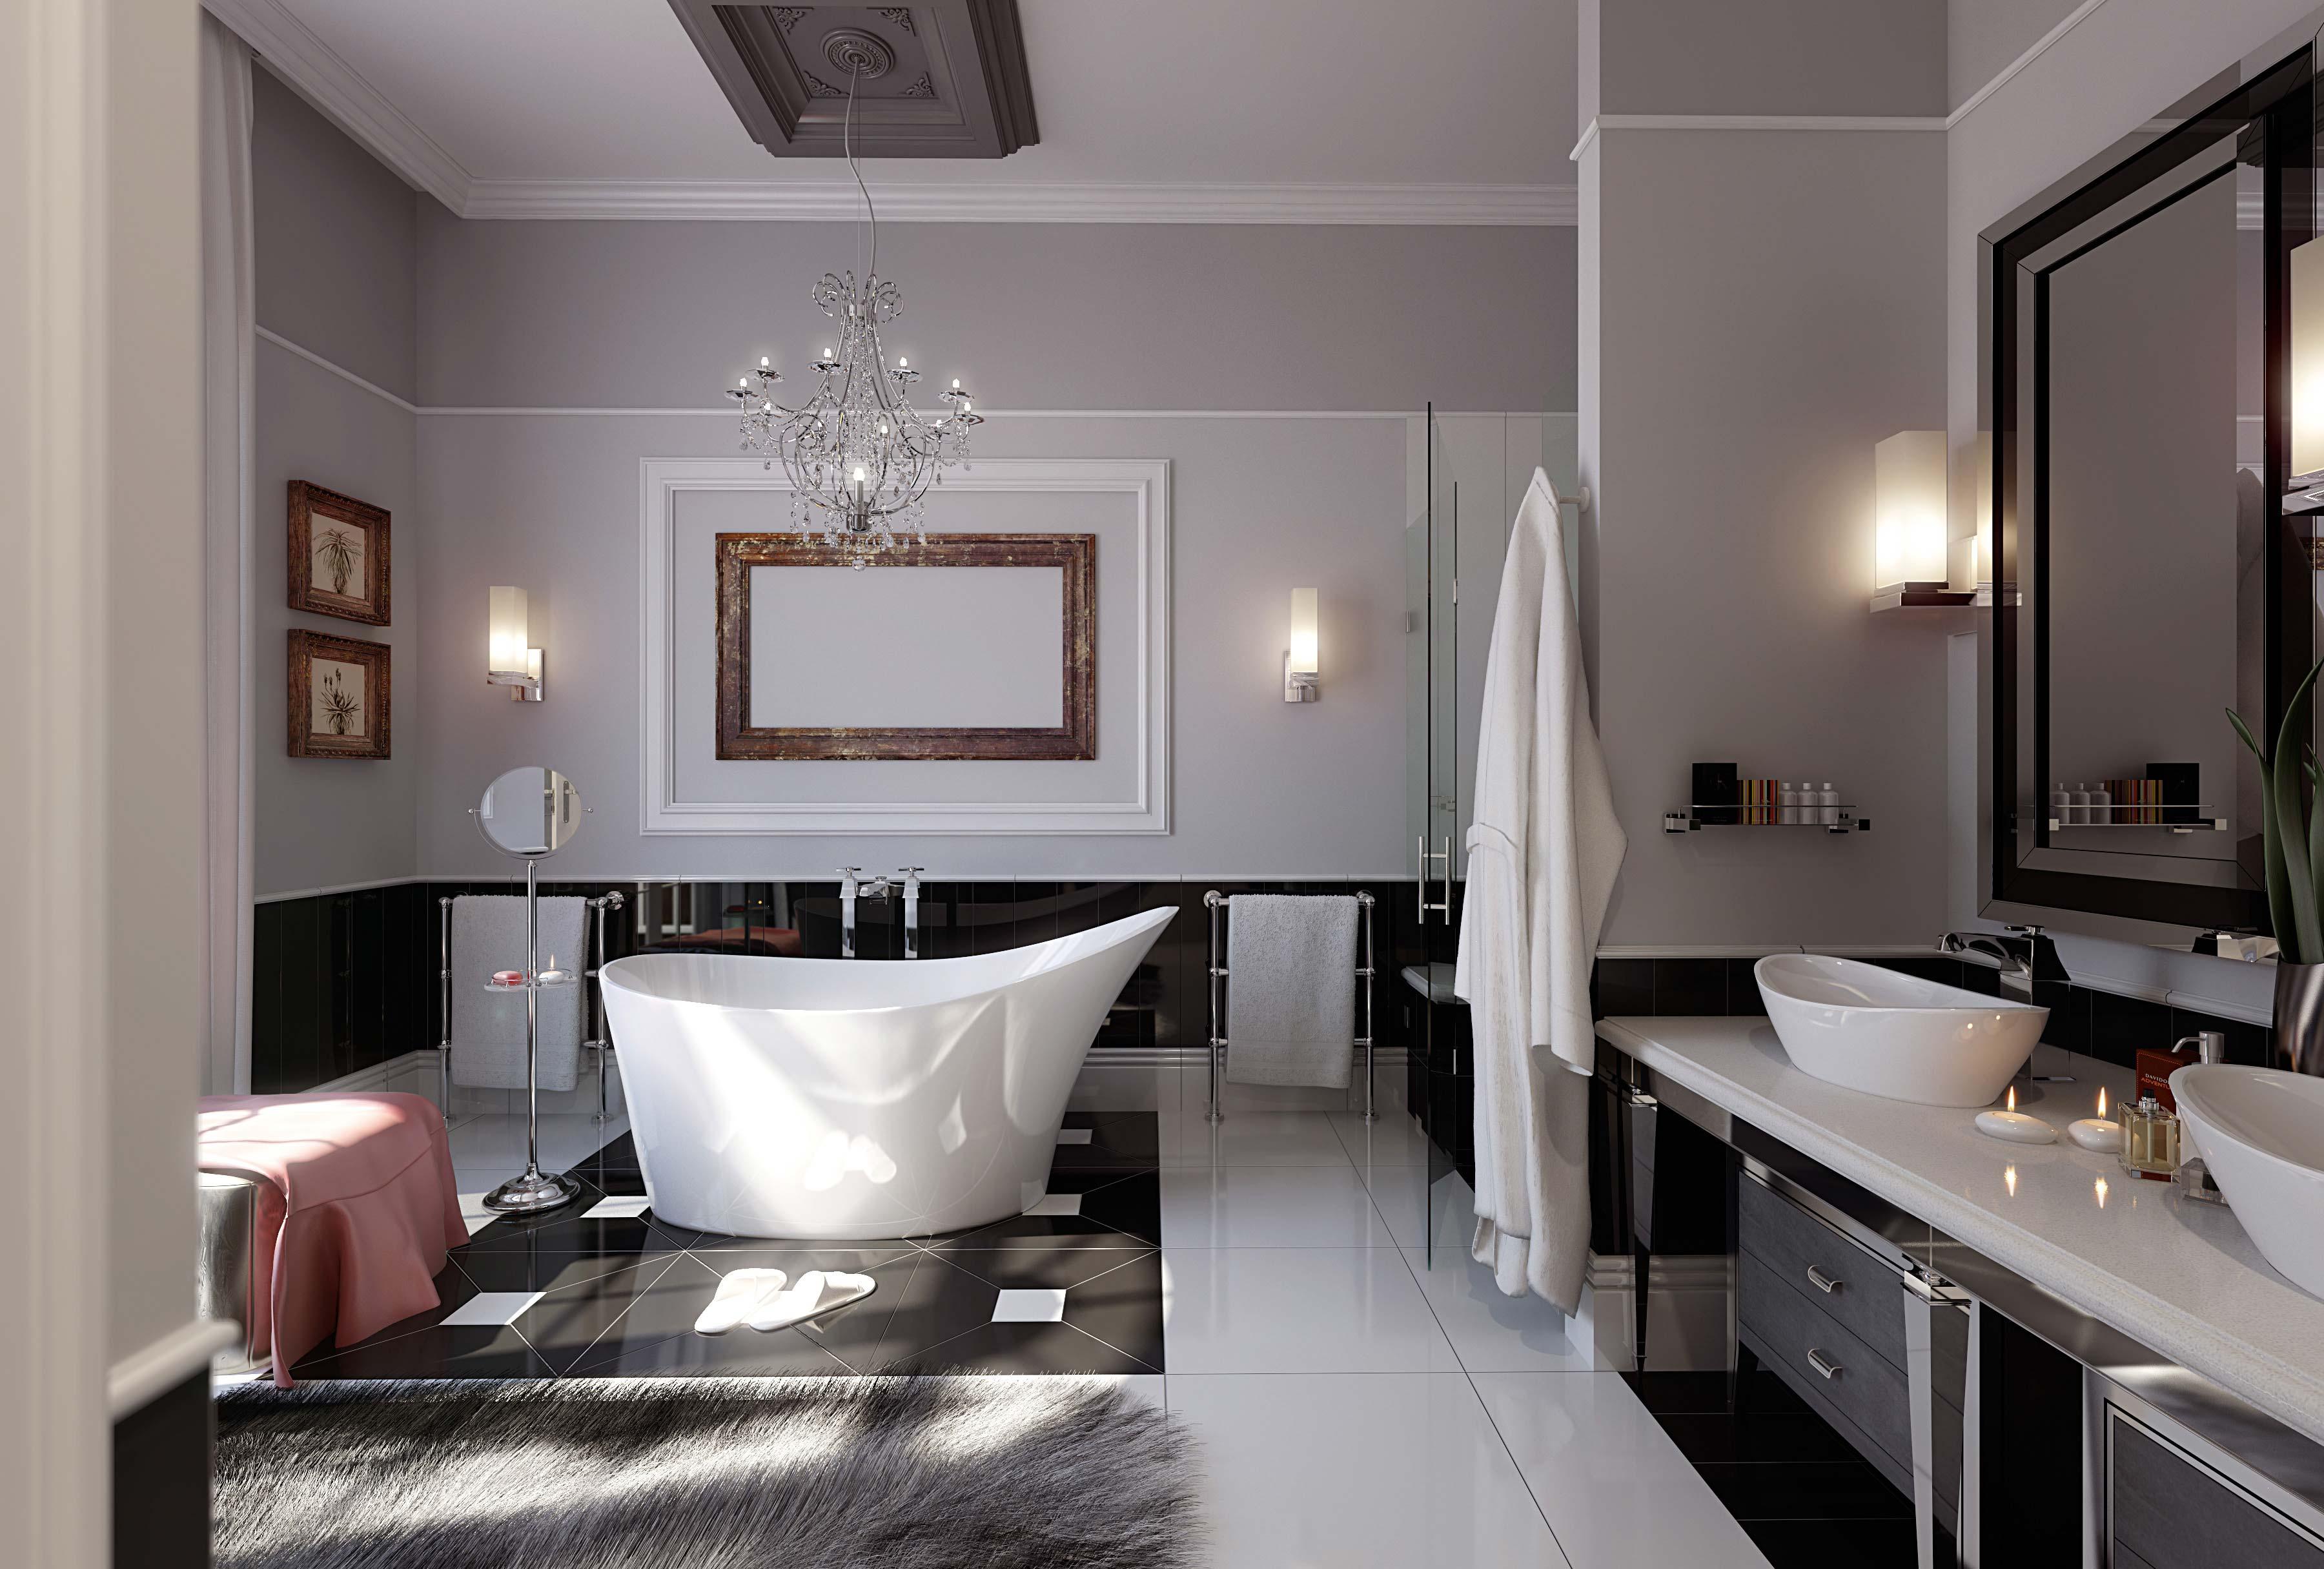 Bathrooms | Southington CT, Plainville CT, Bristol CT | Apple ...